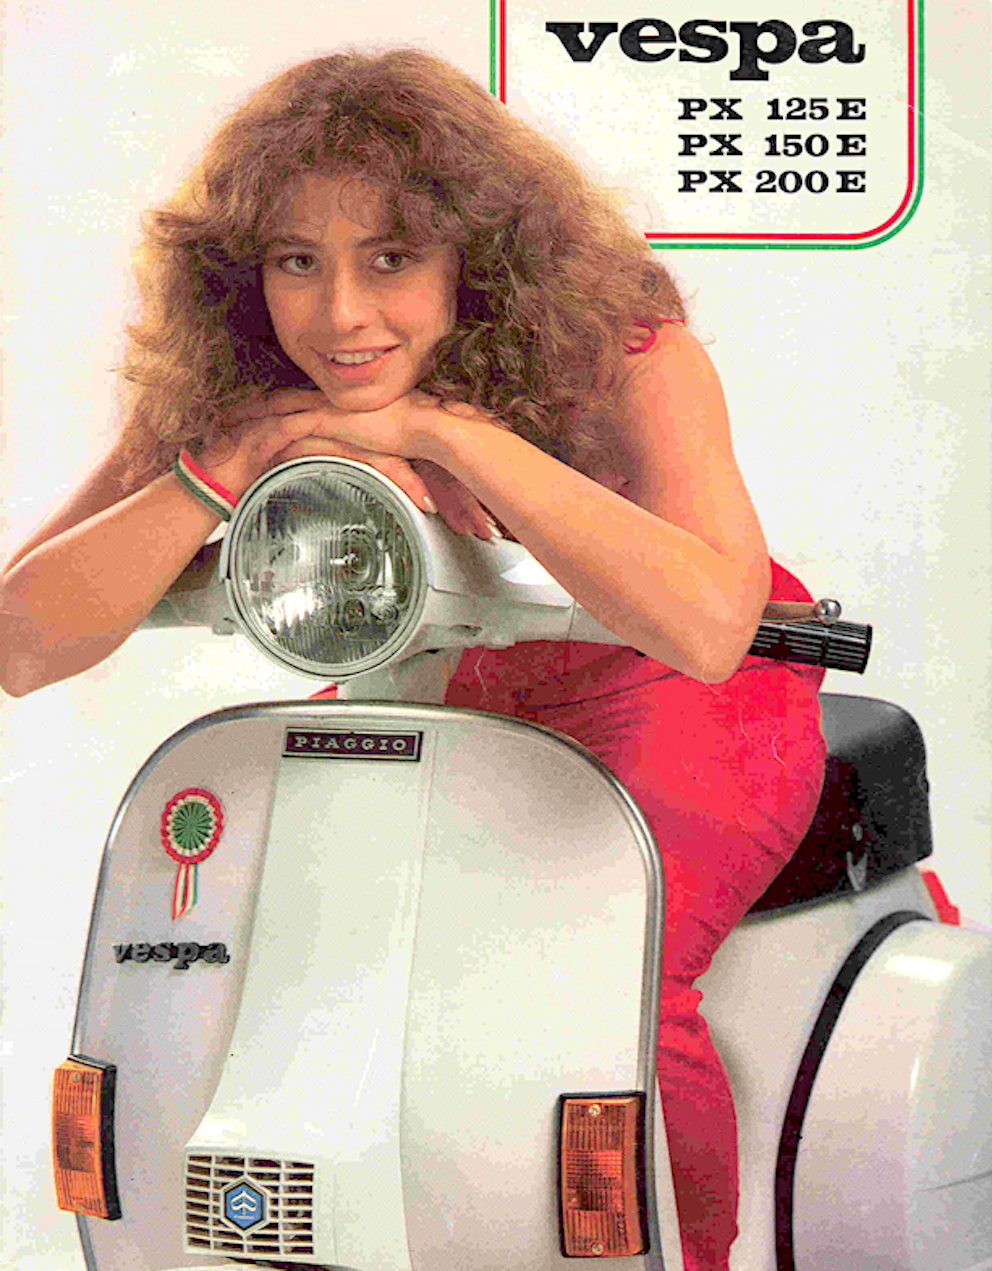 Piaggio Vespa Px Scooter Moto D Epoca Storia Video E Foto